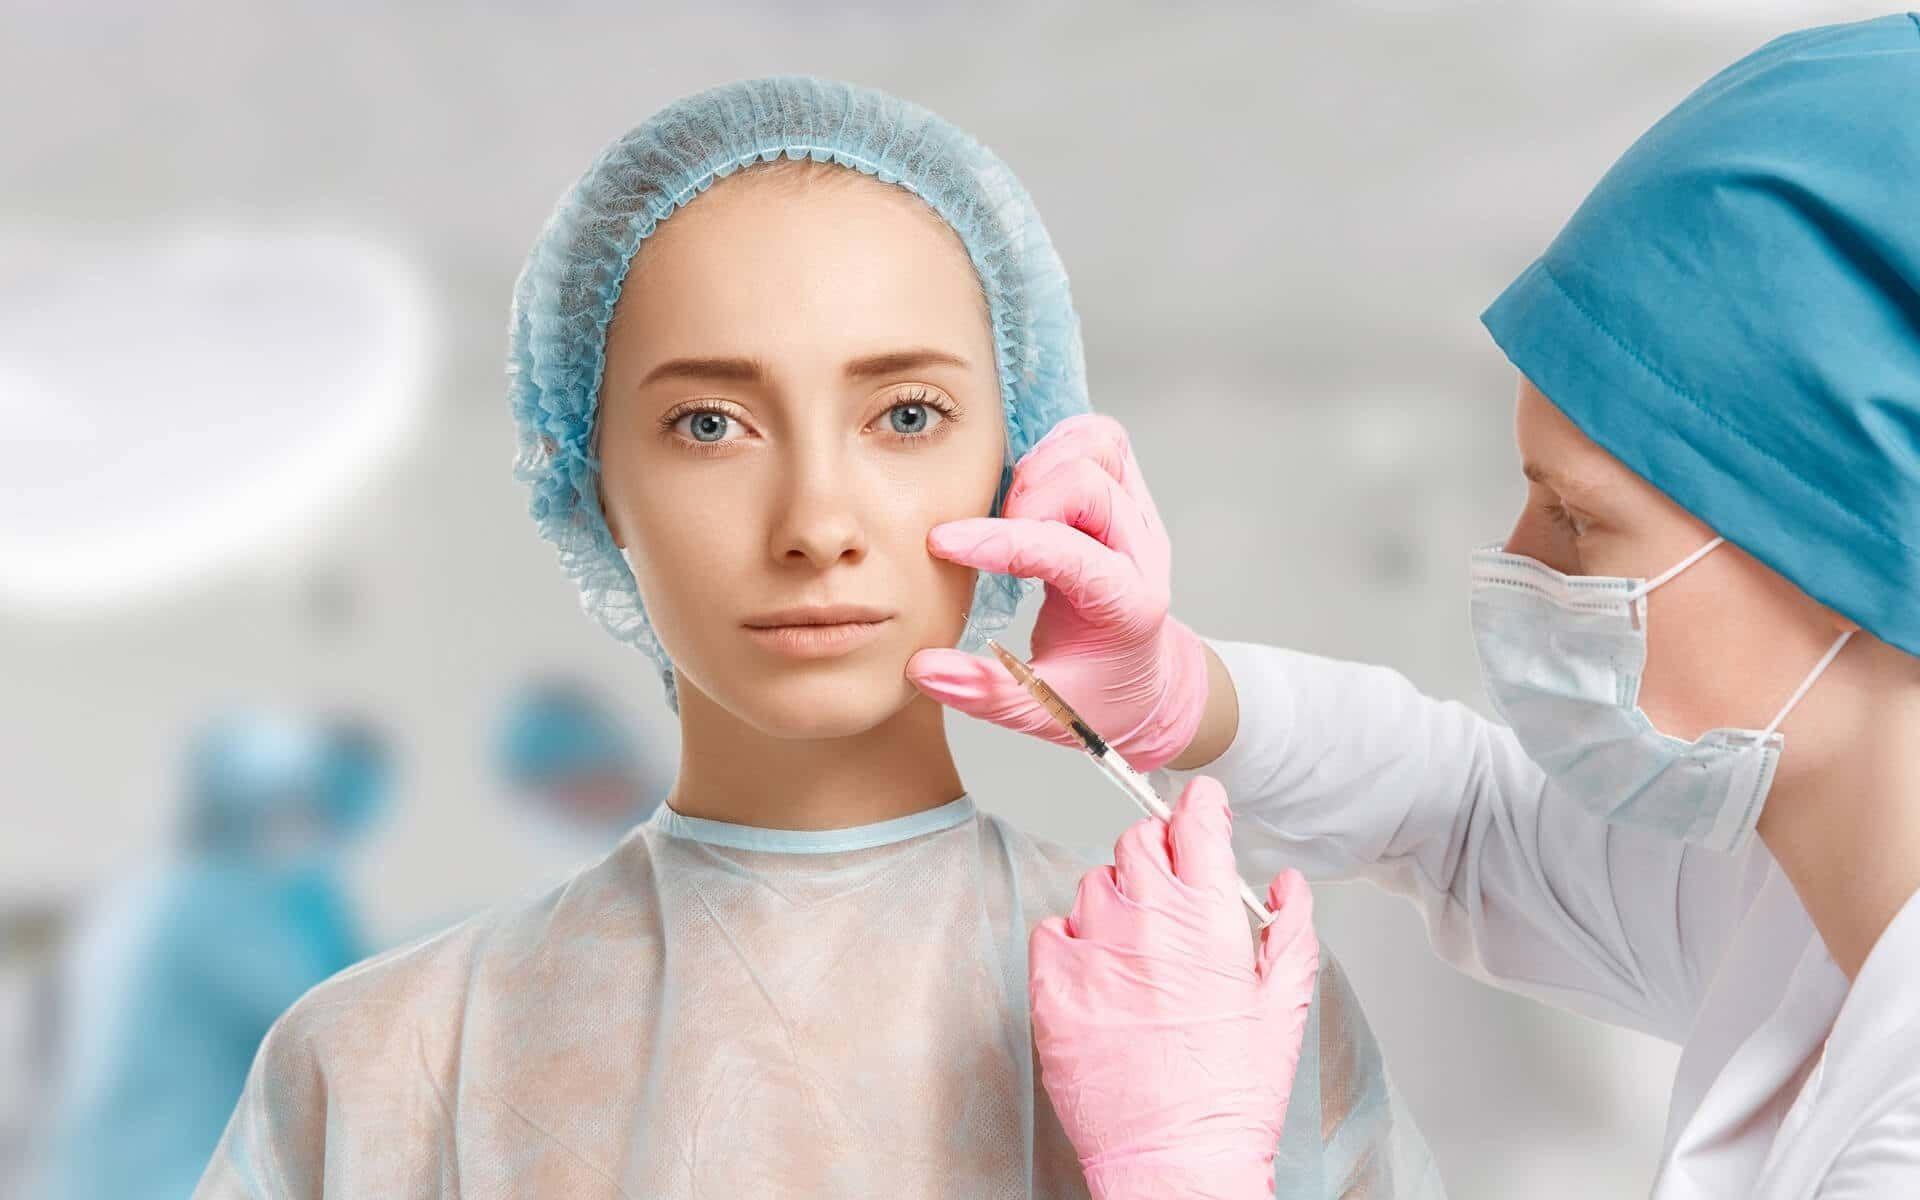 Процедура должна проводиться только квалифицированным специалистом и в стерильных условиях